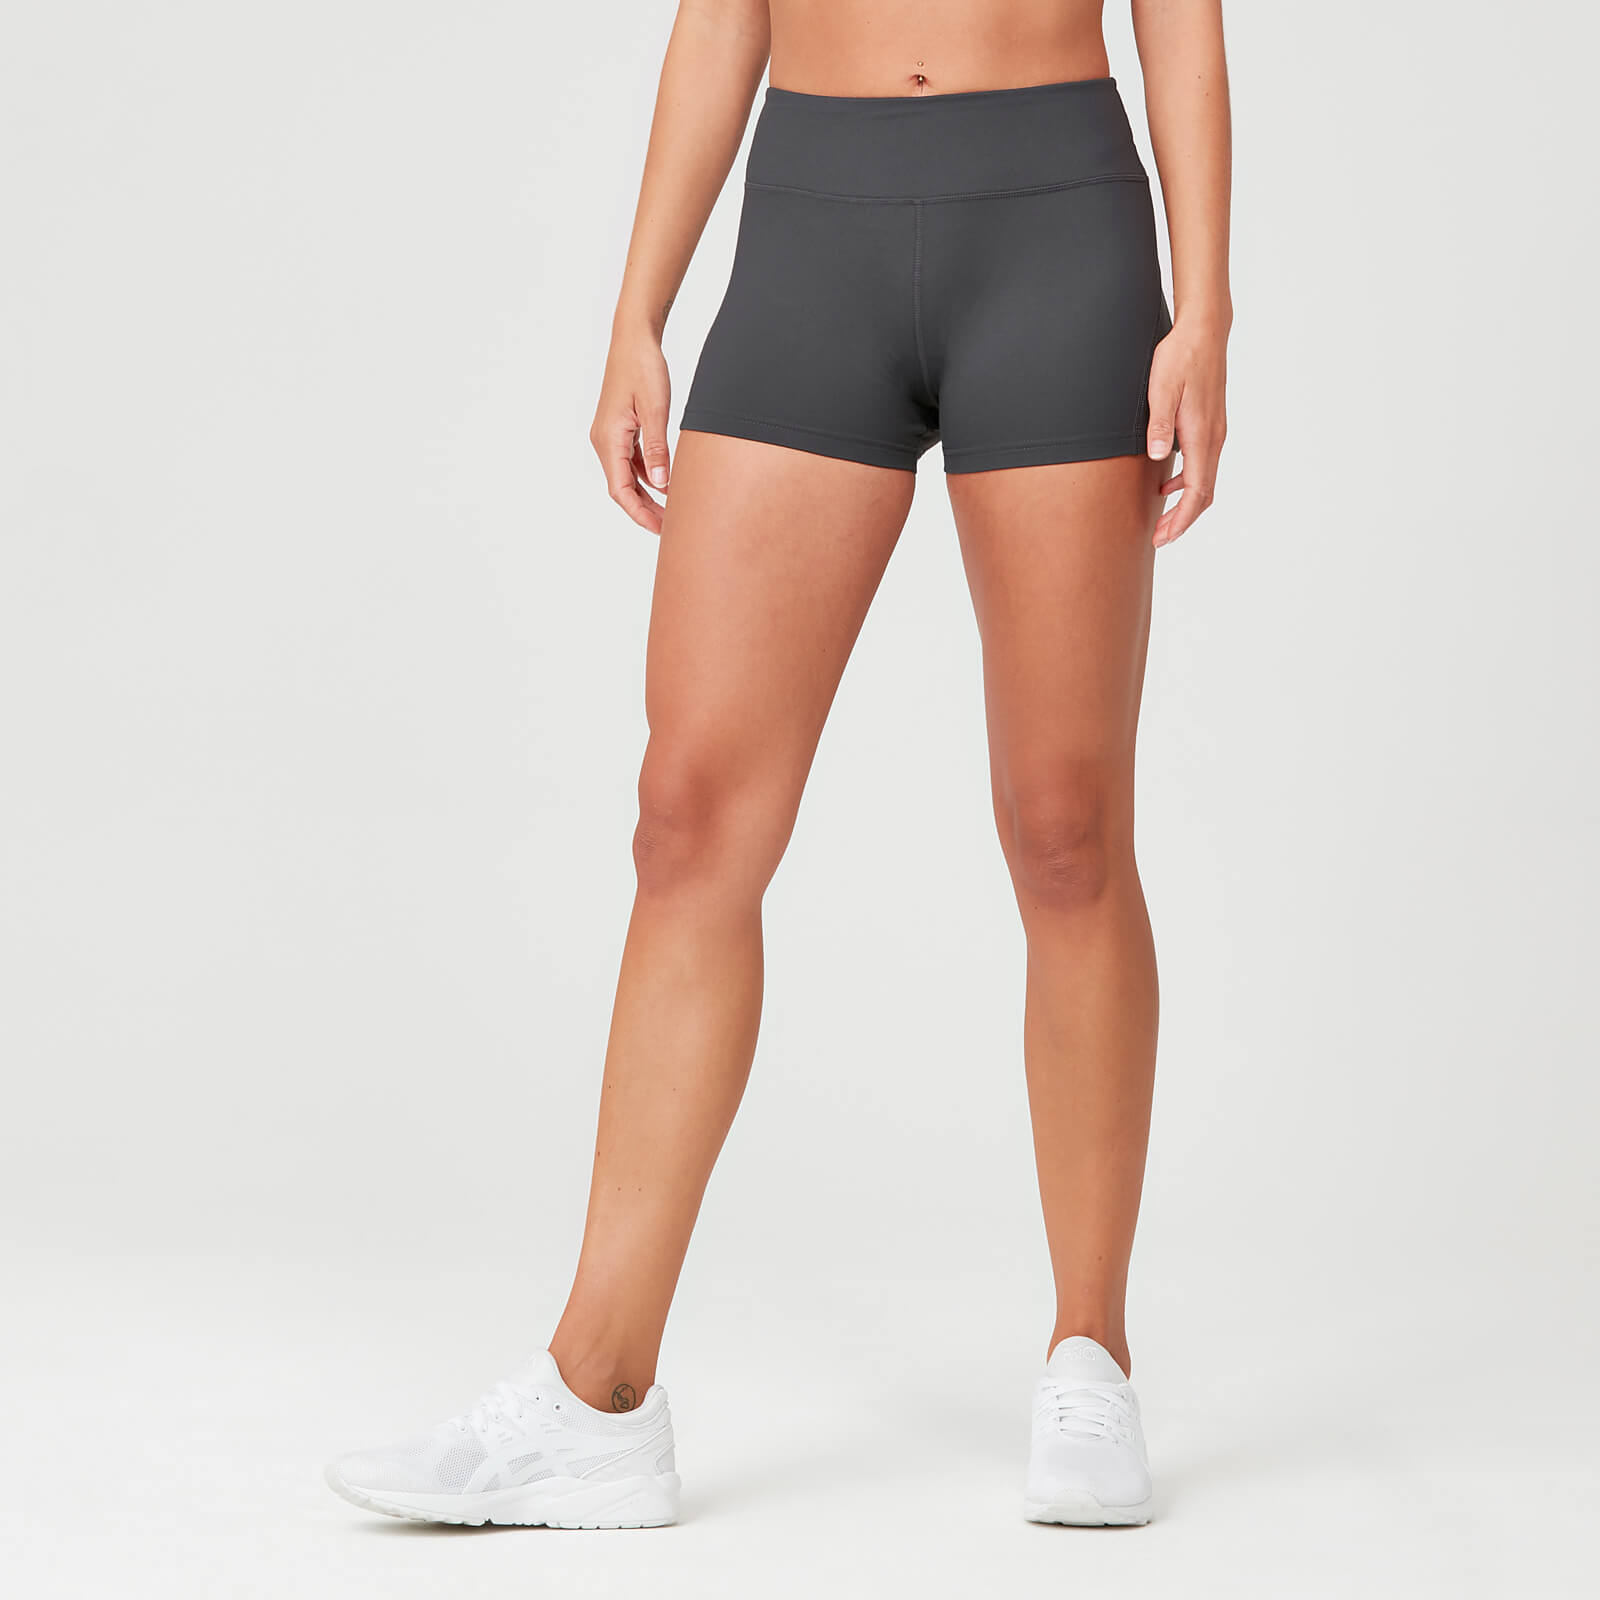 28a0e0b745 Acheter un short taille haute Power pour femme | gris | MYPROTEIN™